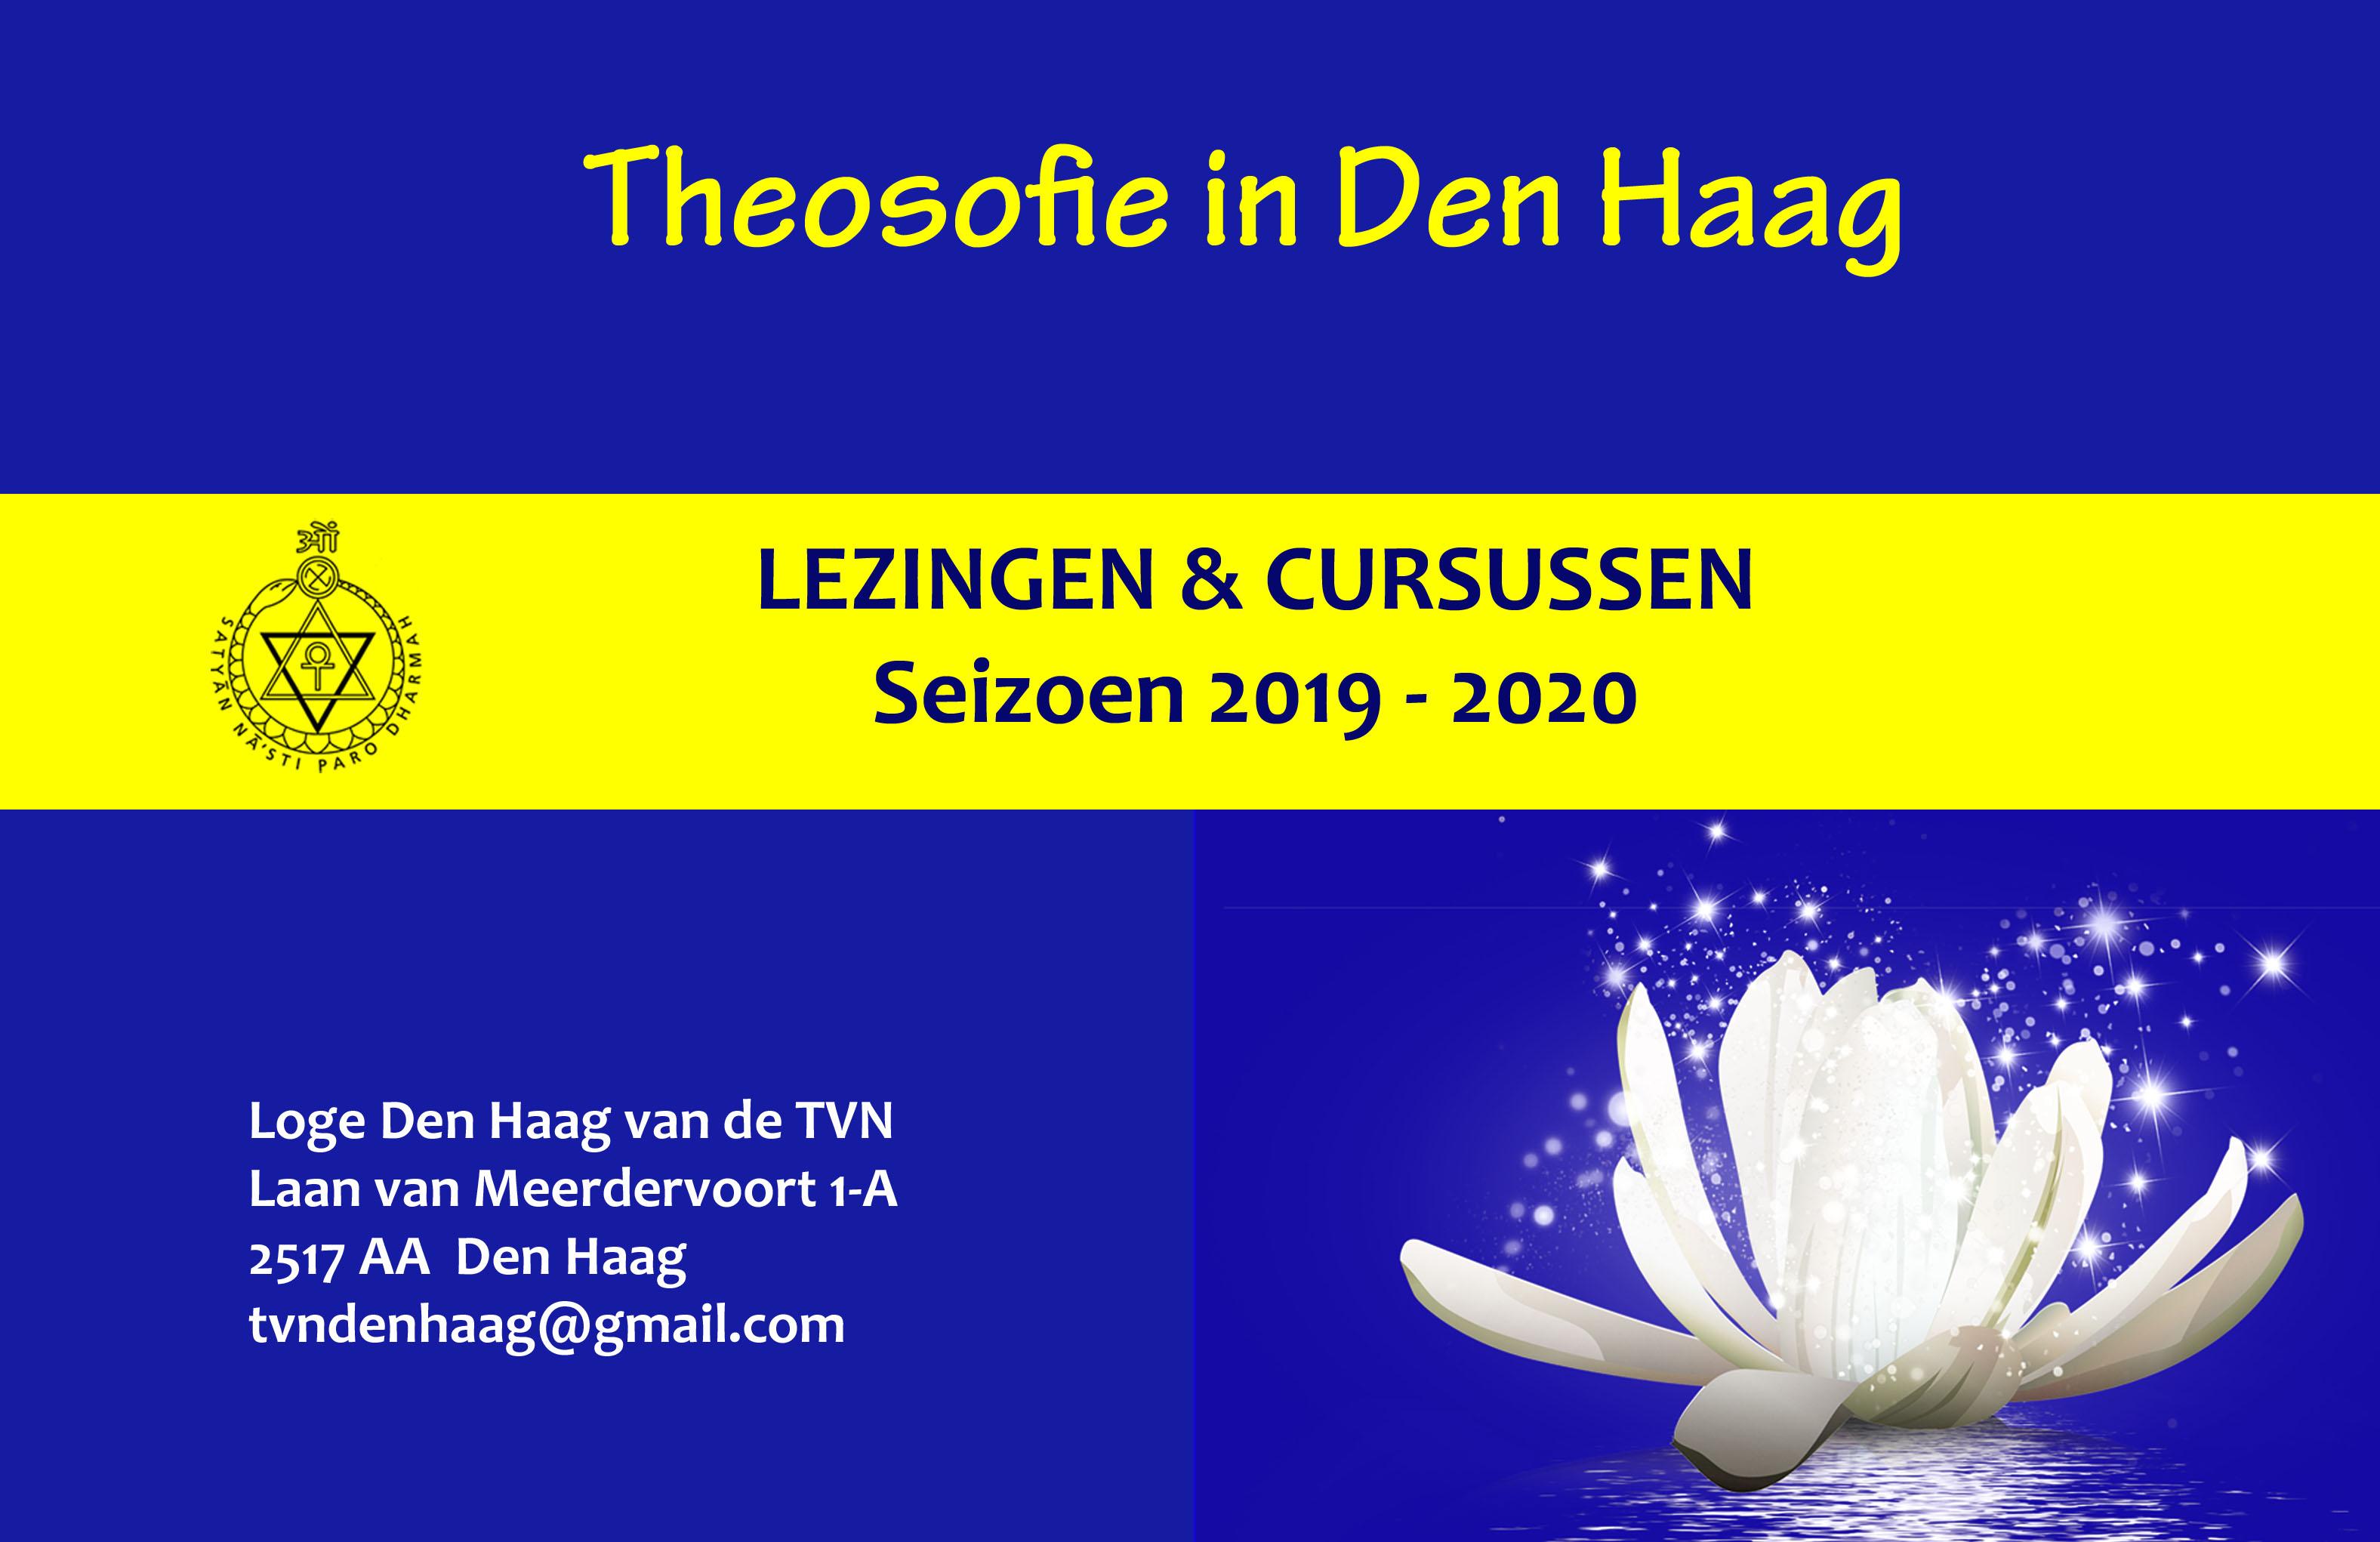 Programmafolder Loge Den Haag 2019 2020 is klaar